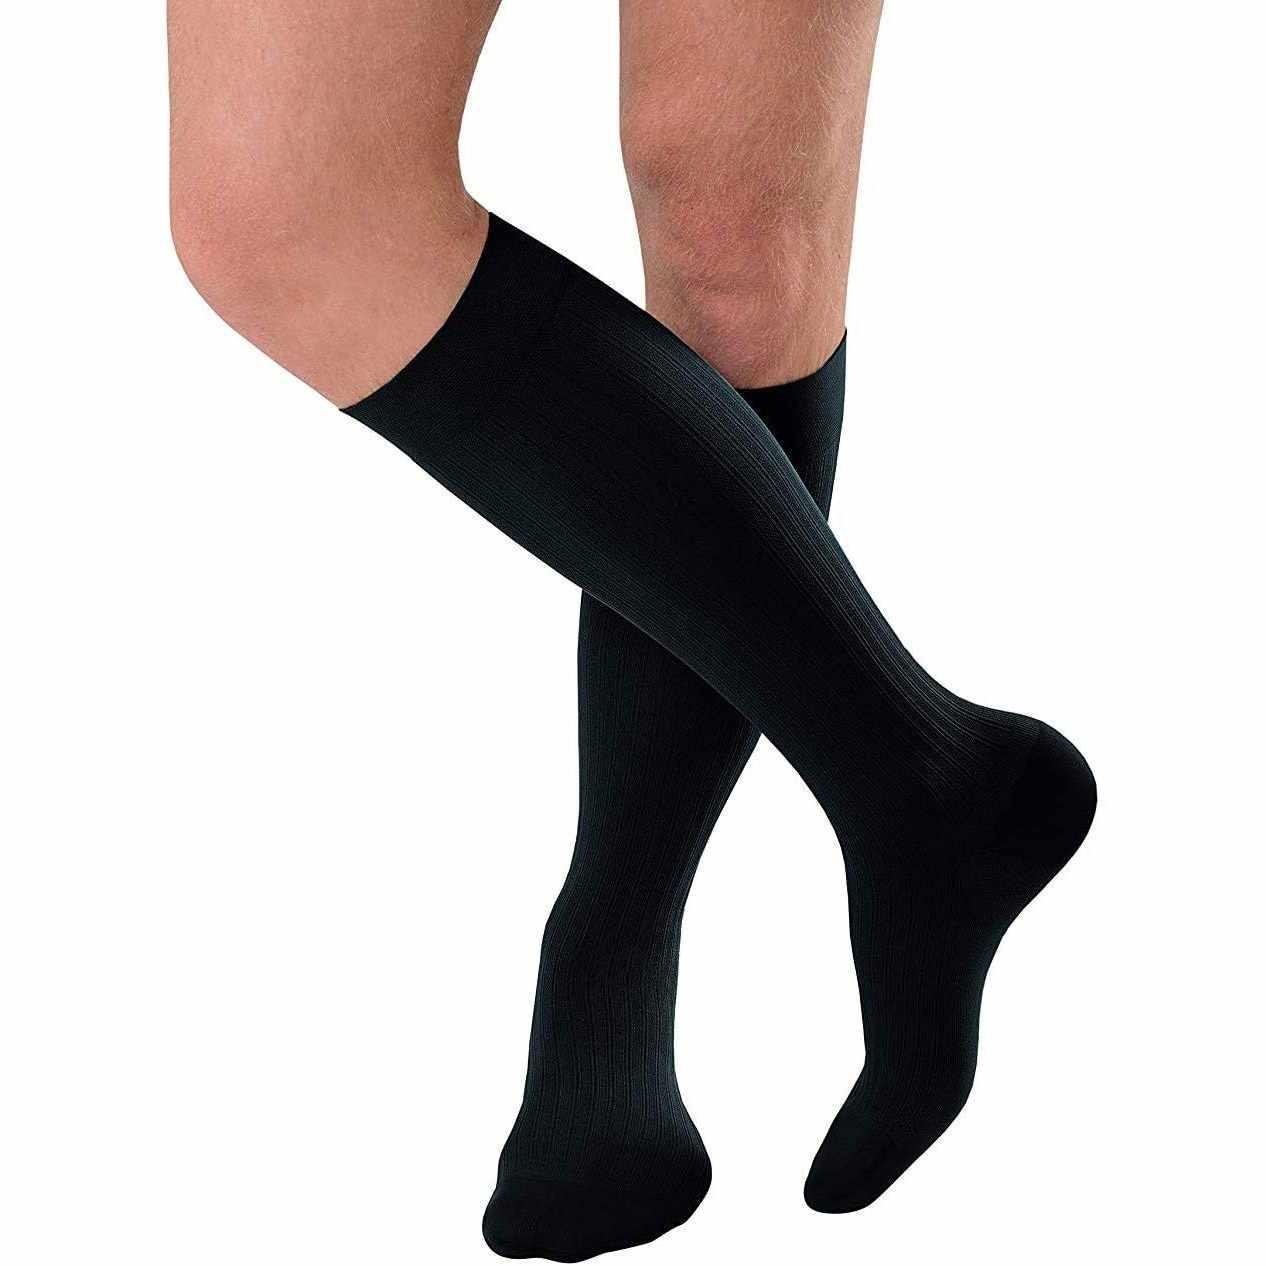 Jobst Men Knee-High X-Firm Compression Socks, Regular Size 2, Black